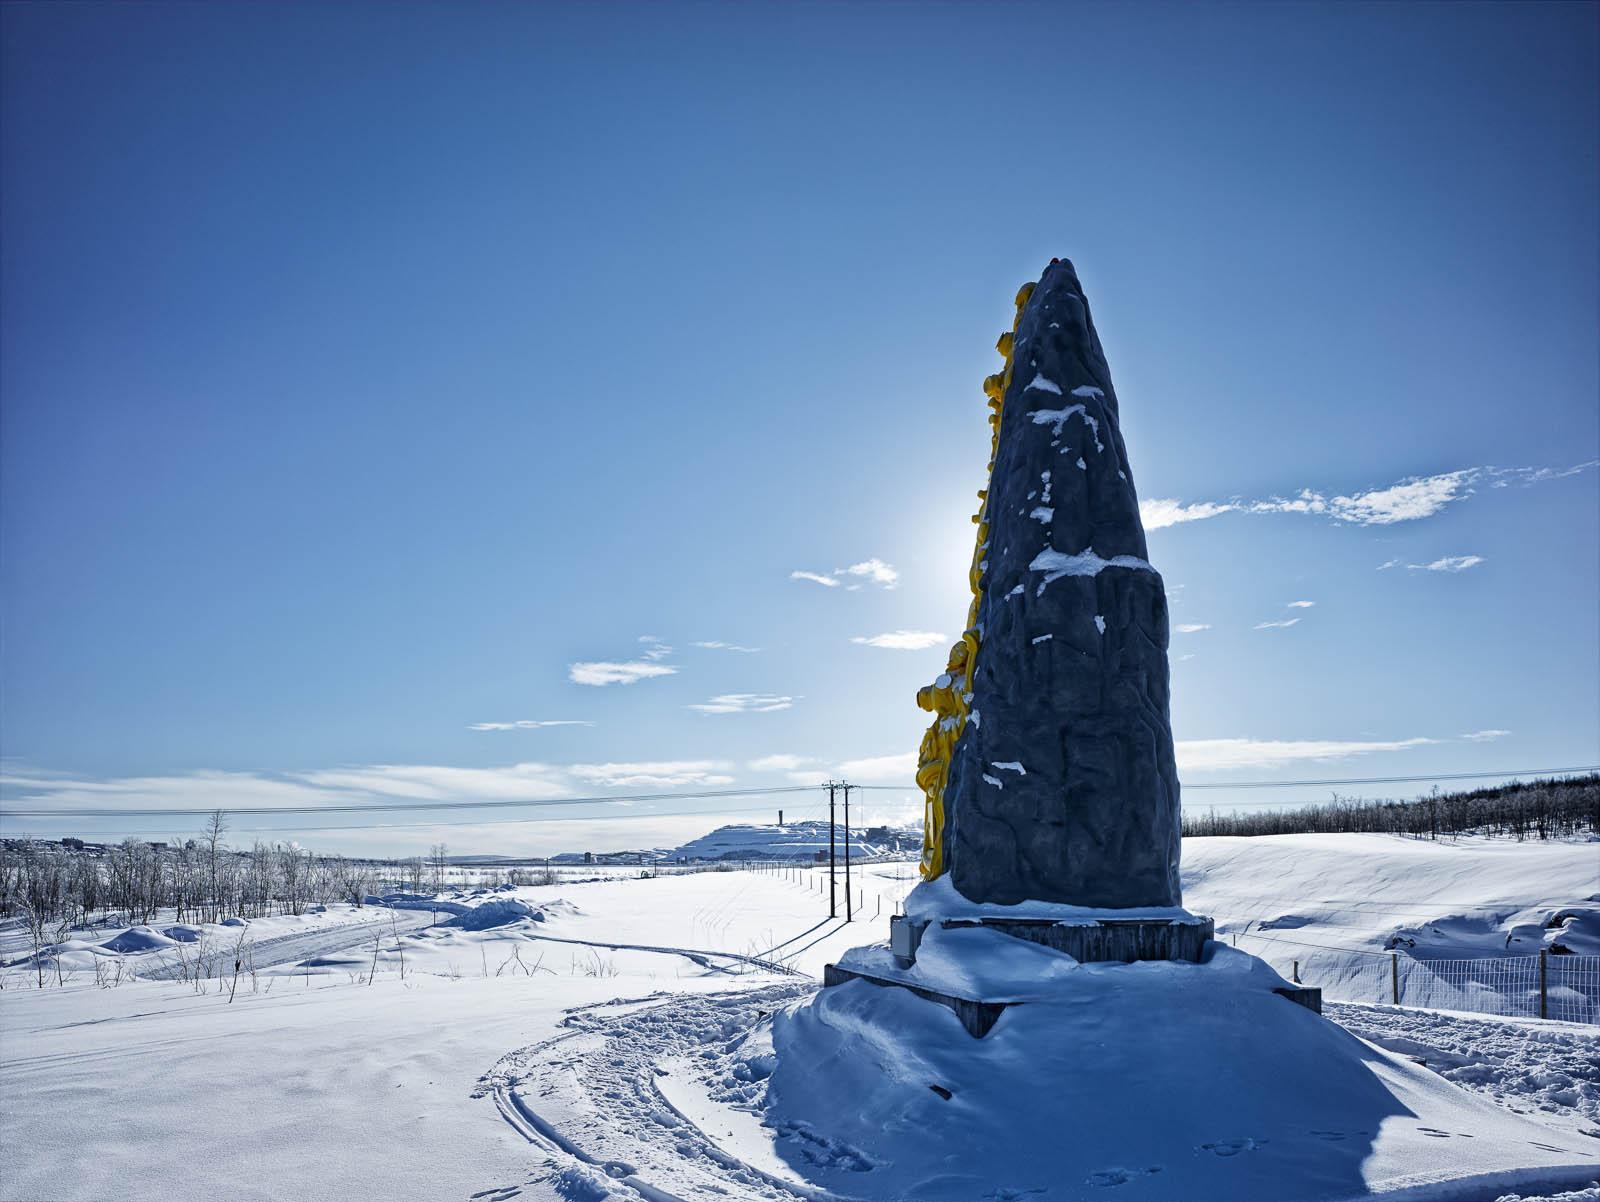 Skulpturen i ett snölandskap. Oskar Aglert, Totem.